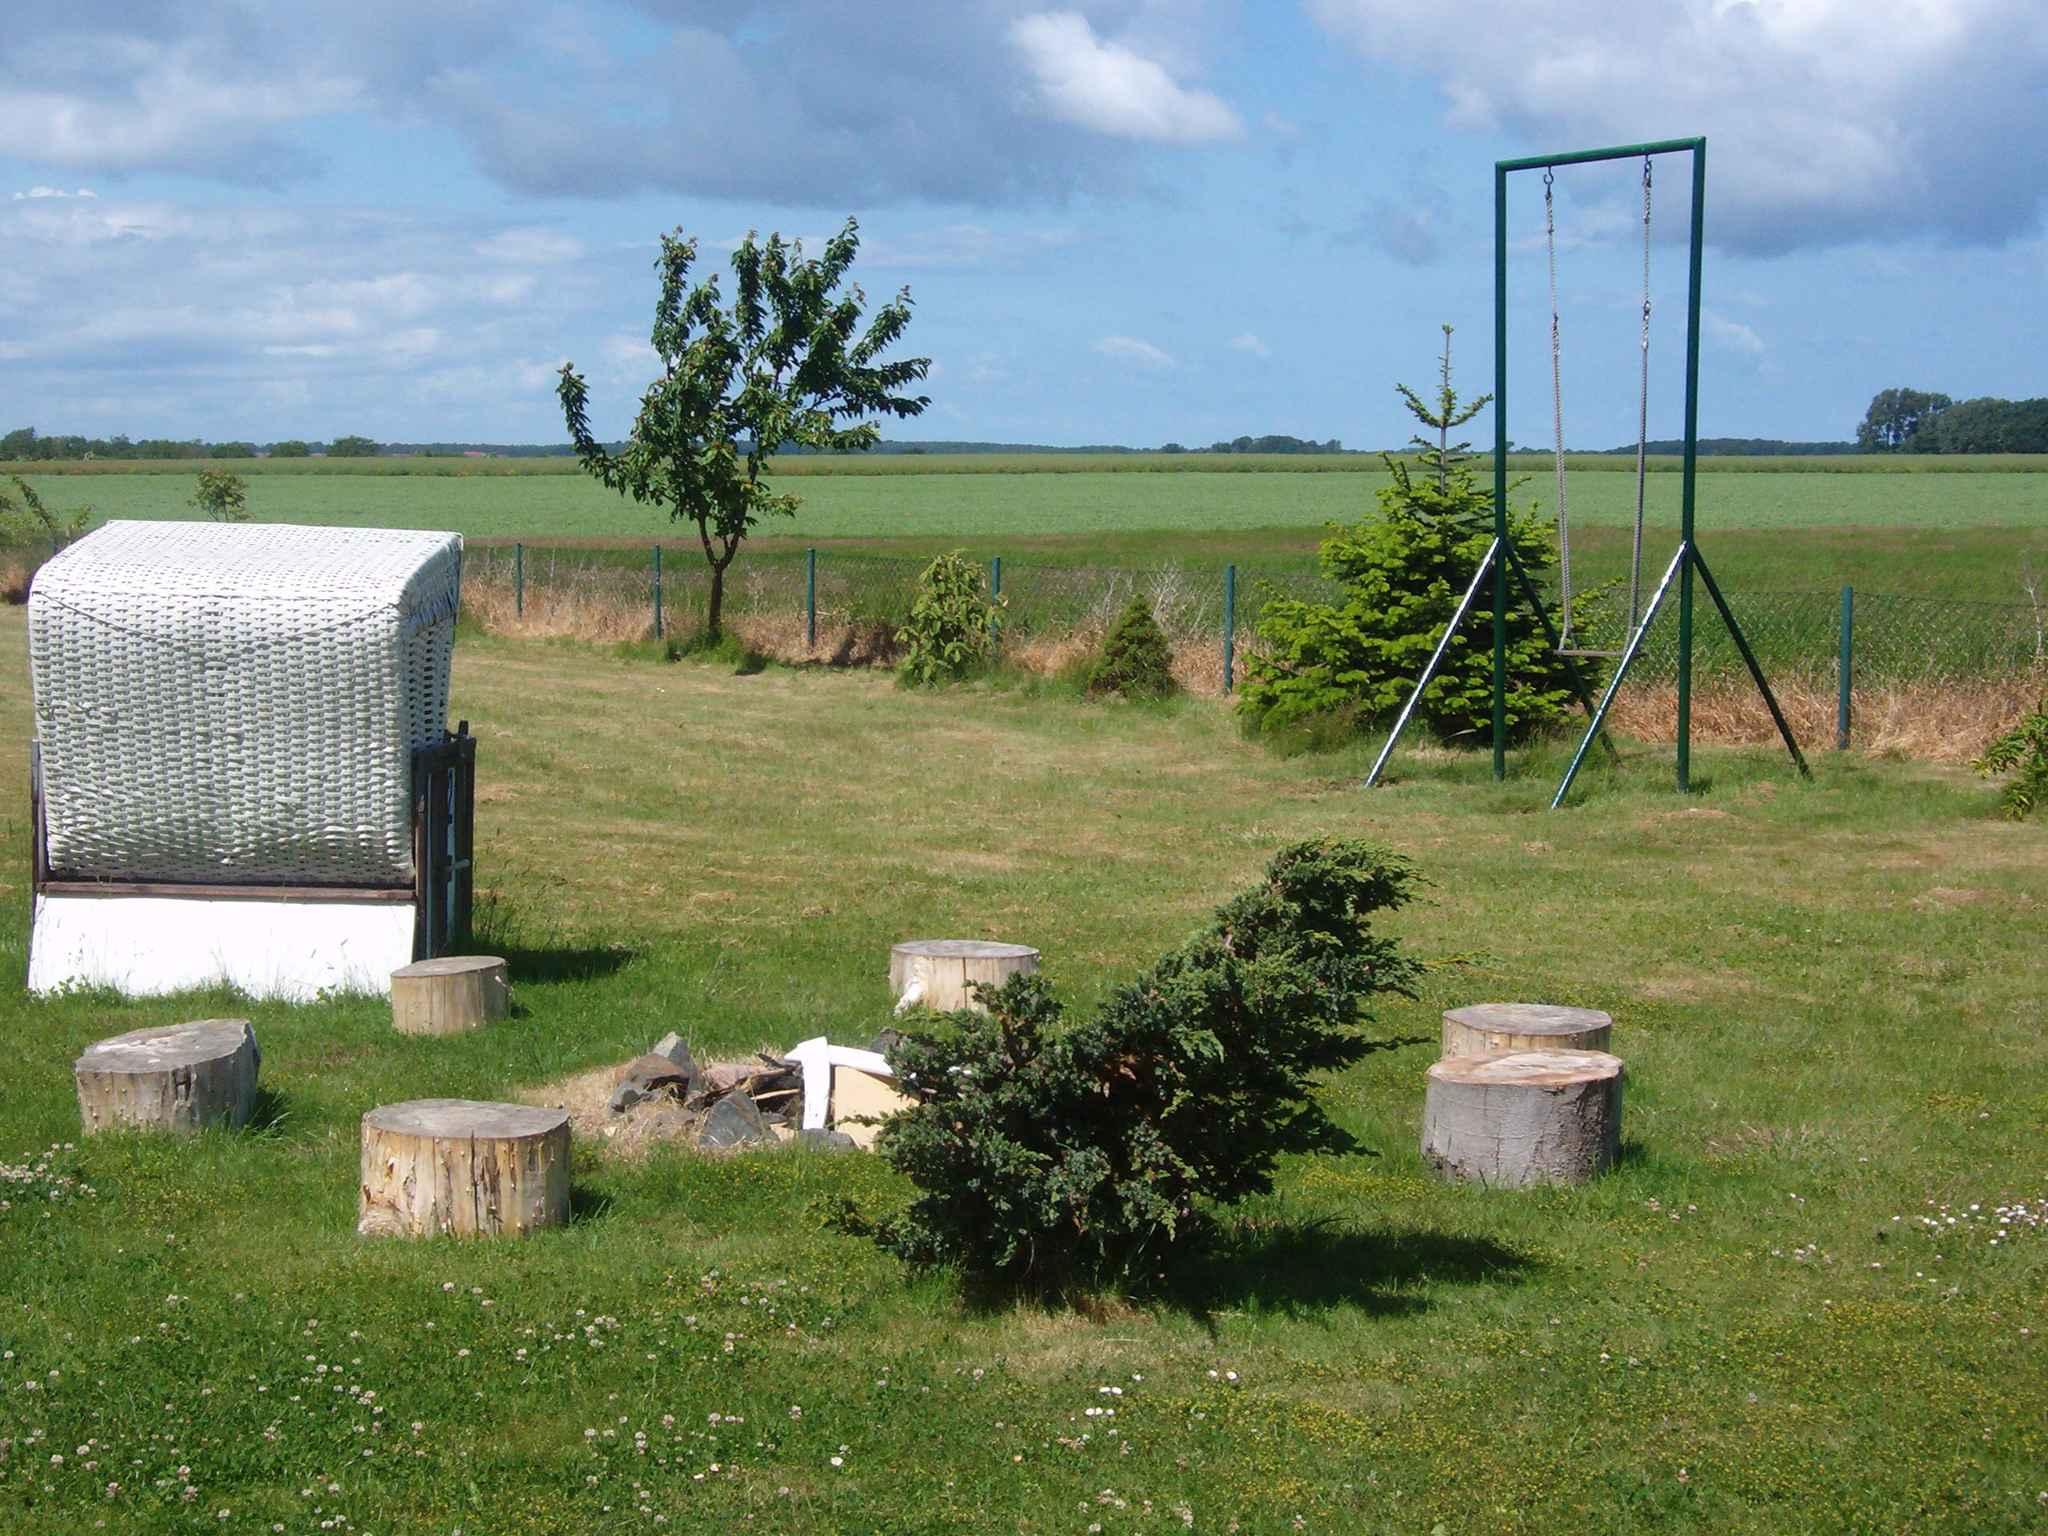 Ferienwohnung mit großem Garten und Lagerfeuerplatz (314518), Altenkirchen, Rügen, Mecklenburg-Vorpommern, Deutschland, Bild 6